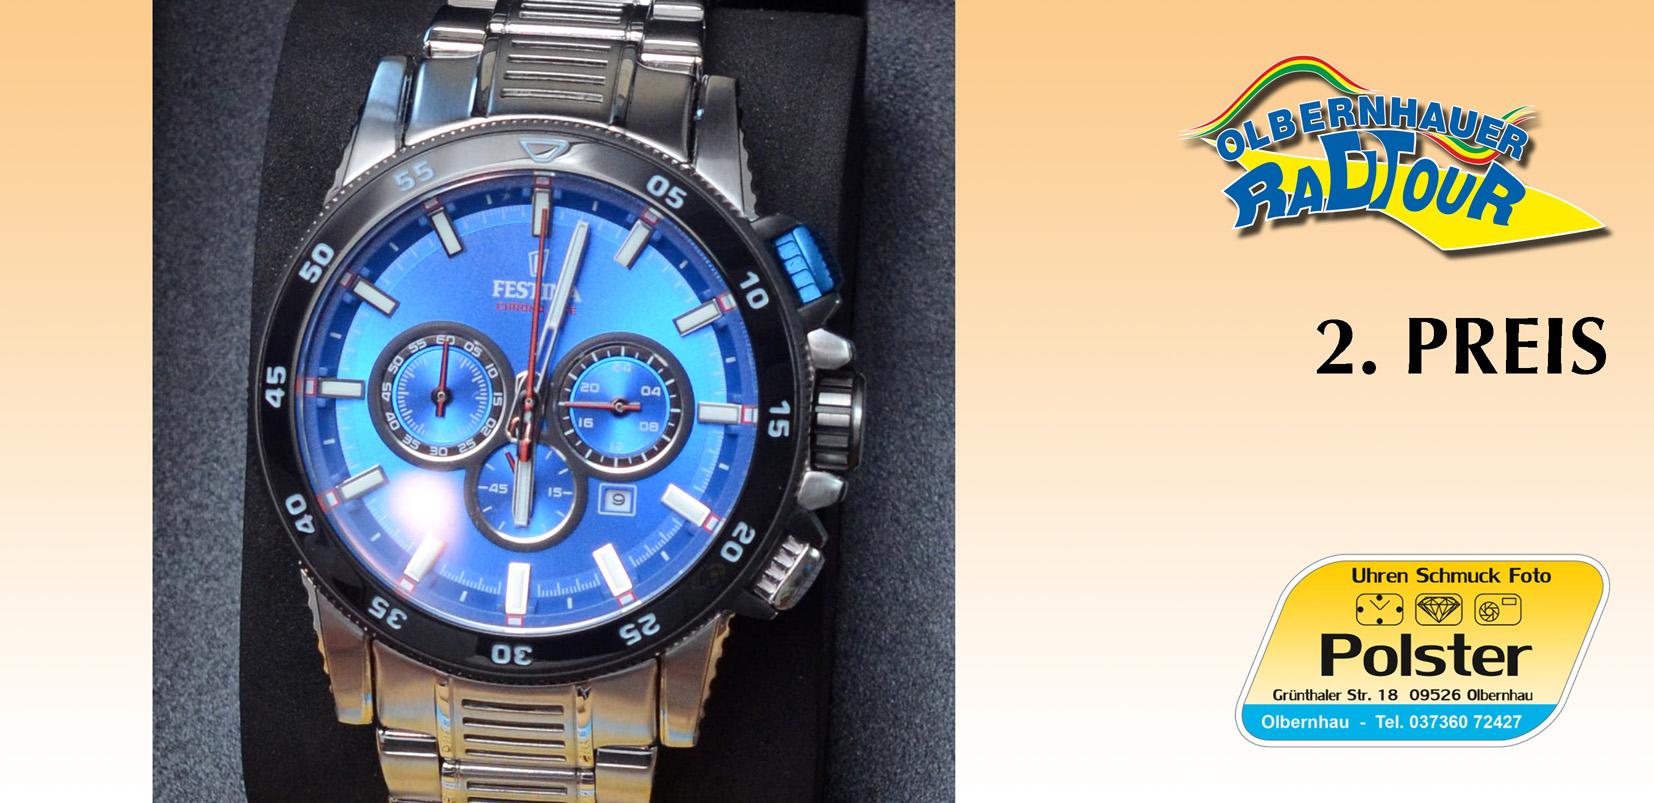 3. Tombolarpreis: Festina Armbanduhr (gestiftet durch Uhren Schmuck Foto Polster Olbernhau)